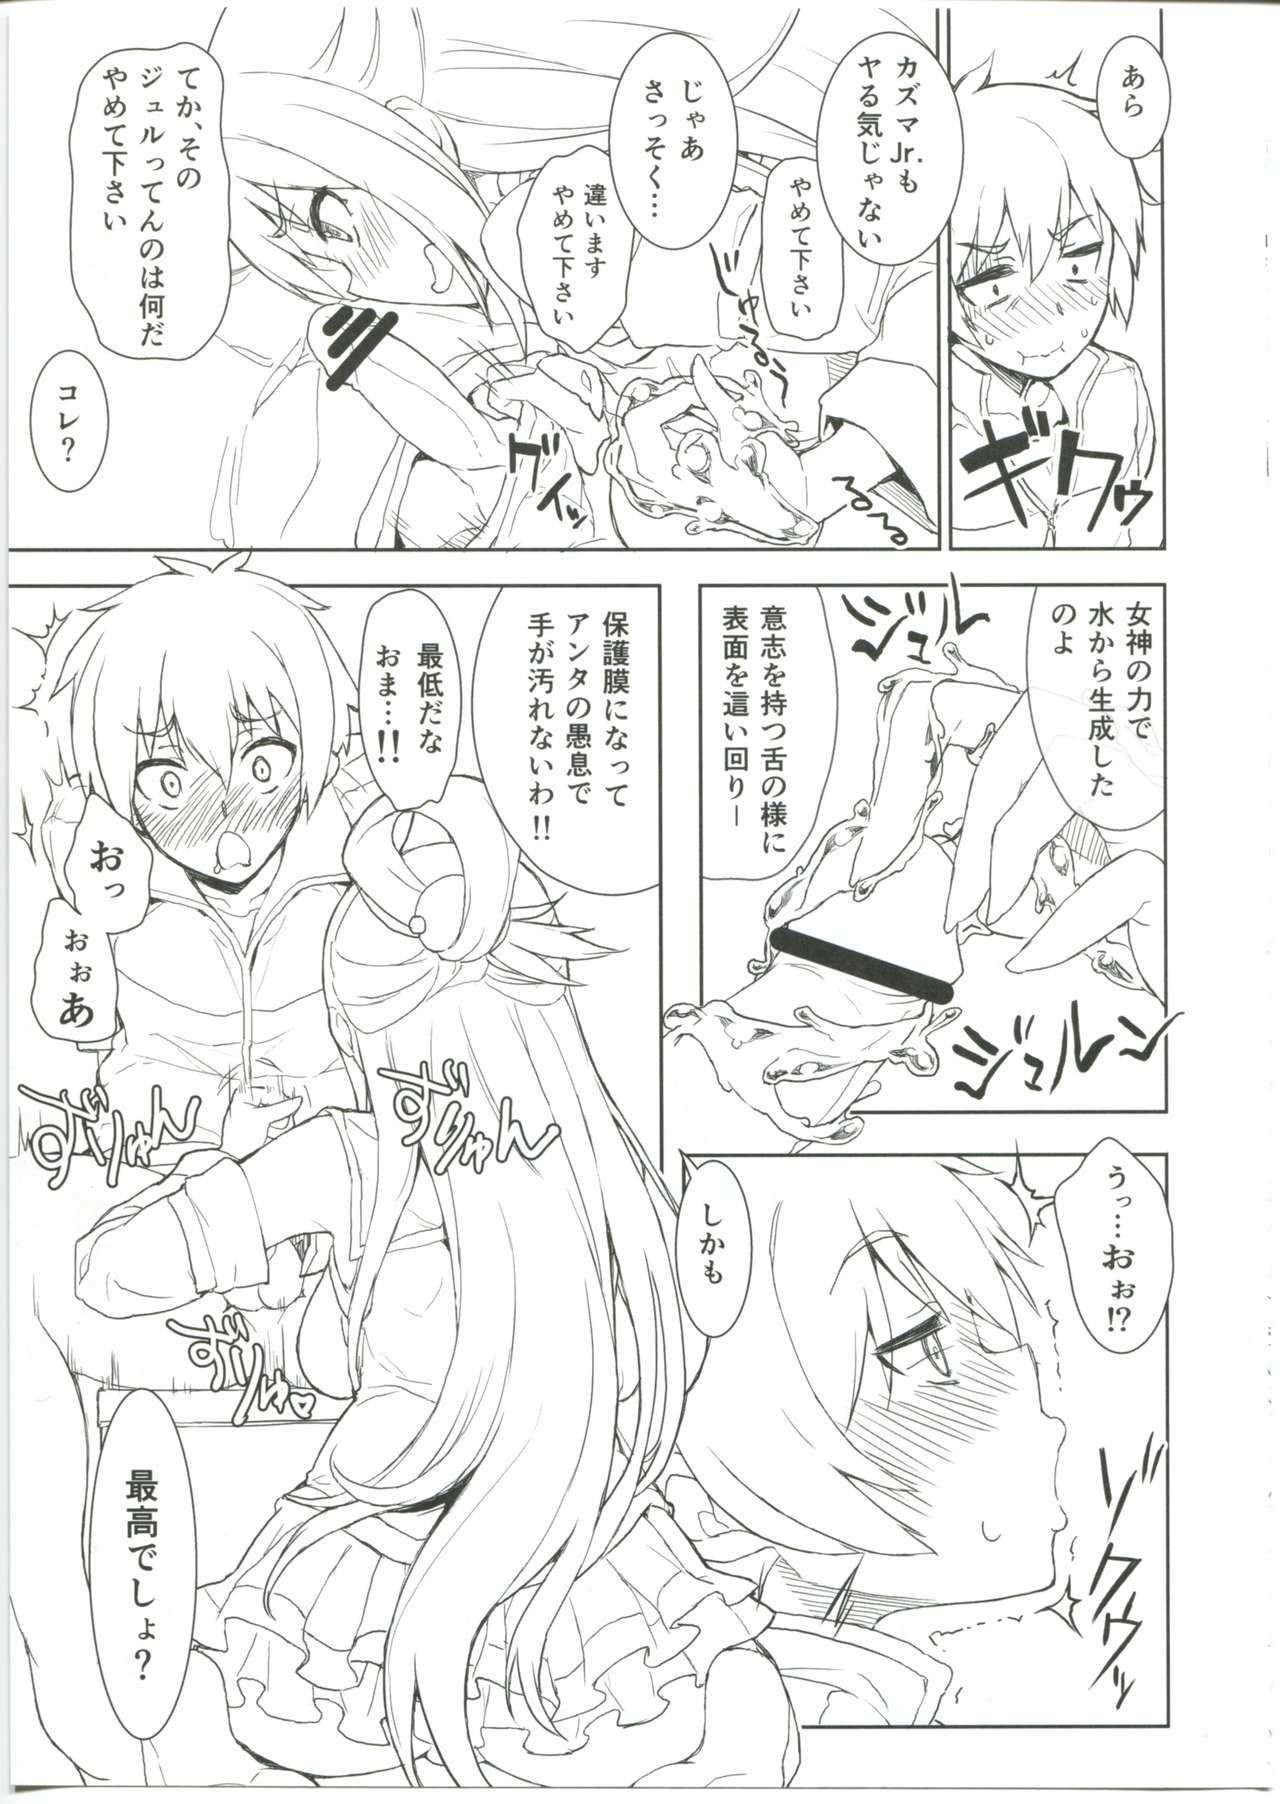 Ero Subarashii Sekai ni Syukufuku o! 20